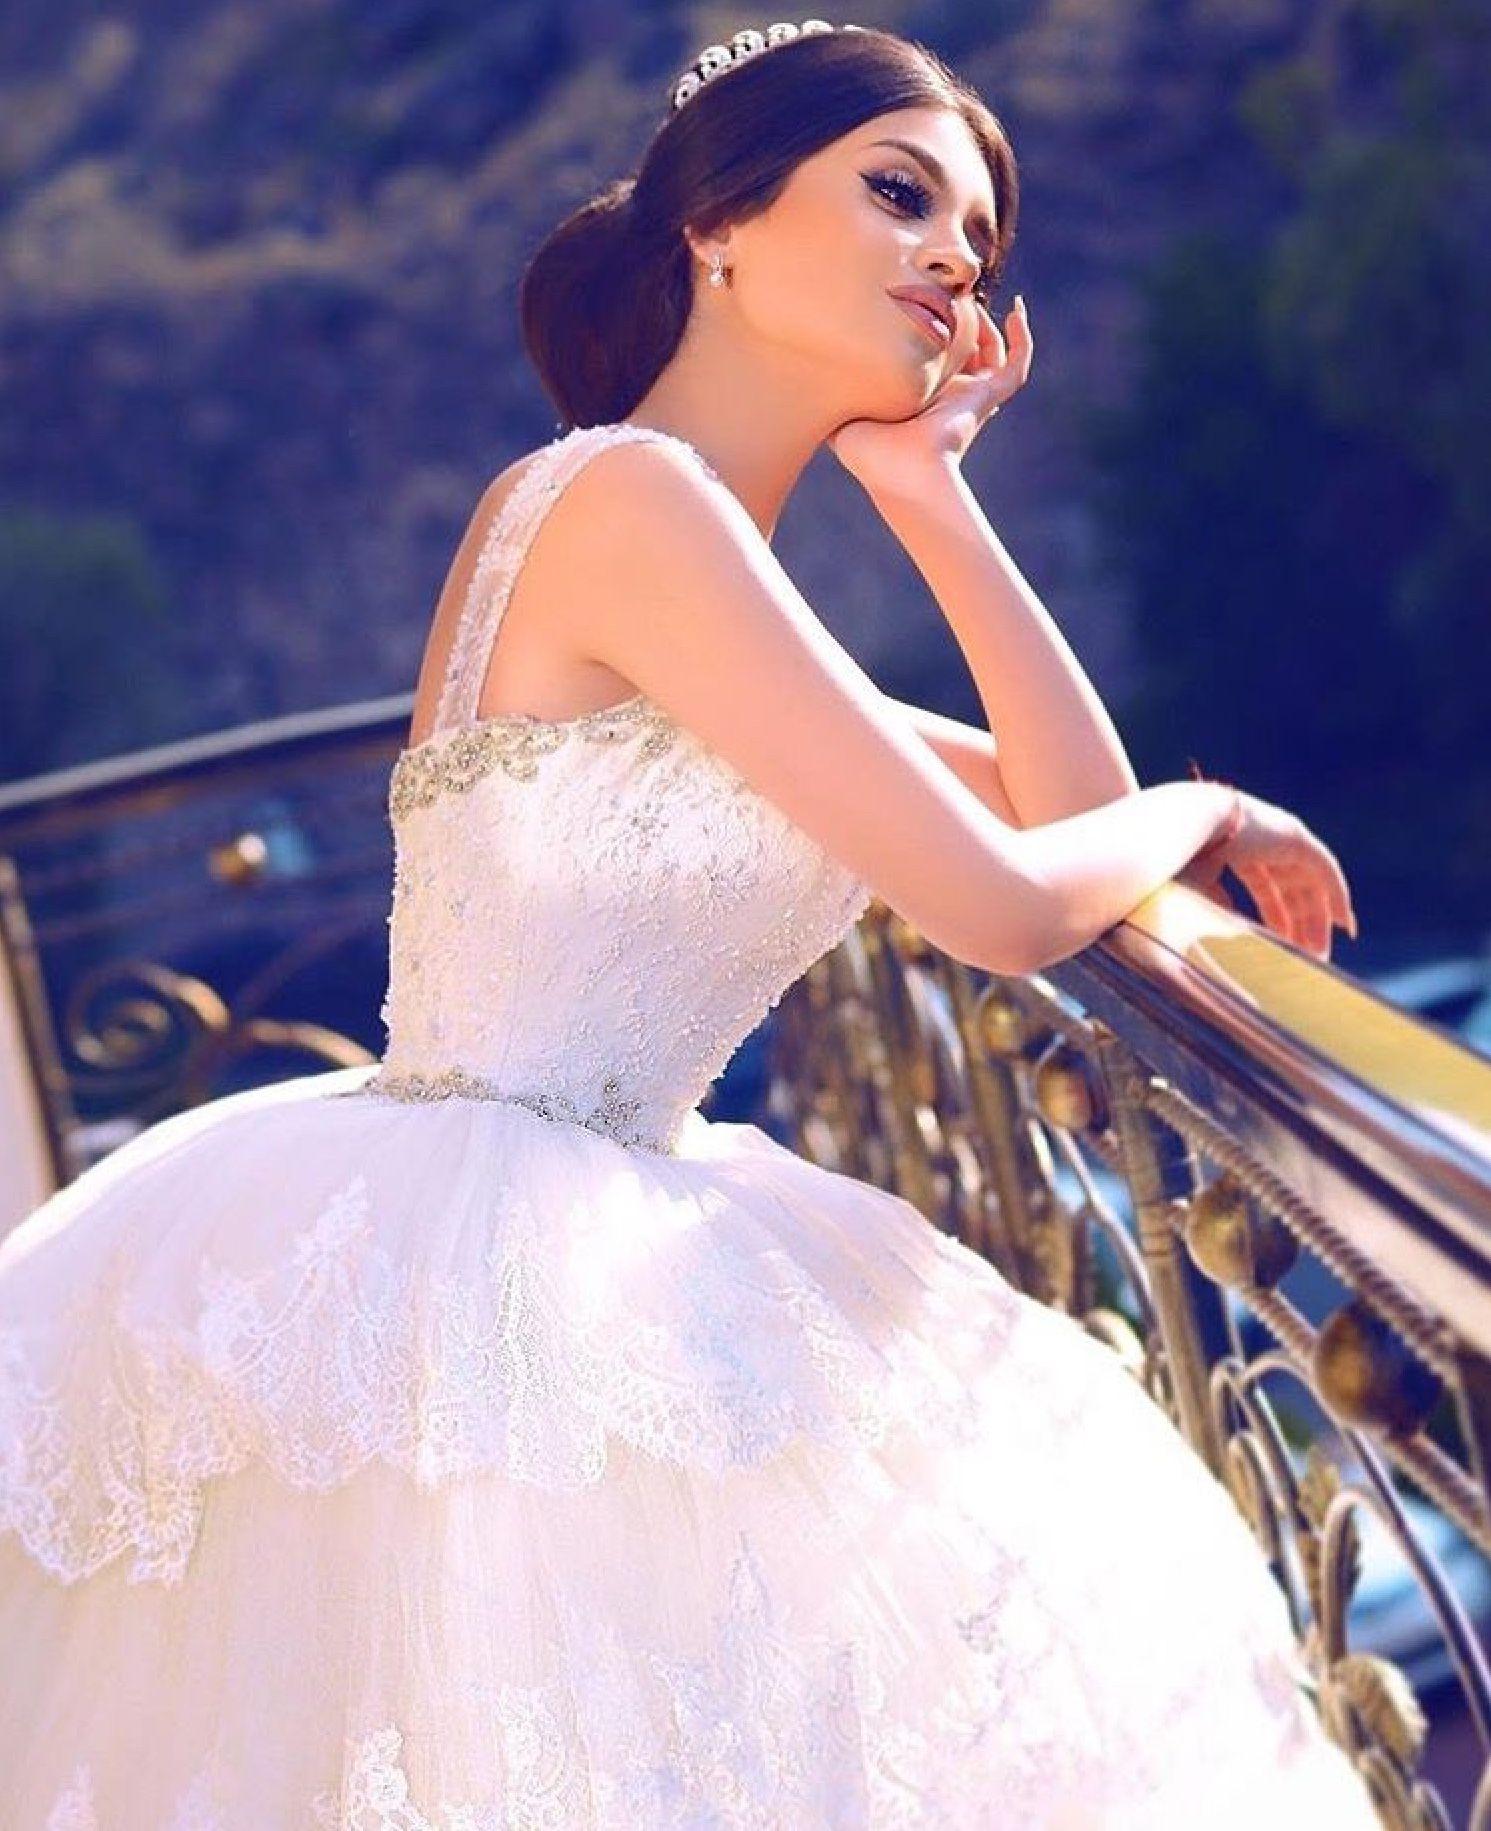 особенно важно армянские невесты фото ложек привлекательной упаковке